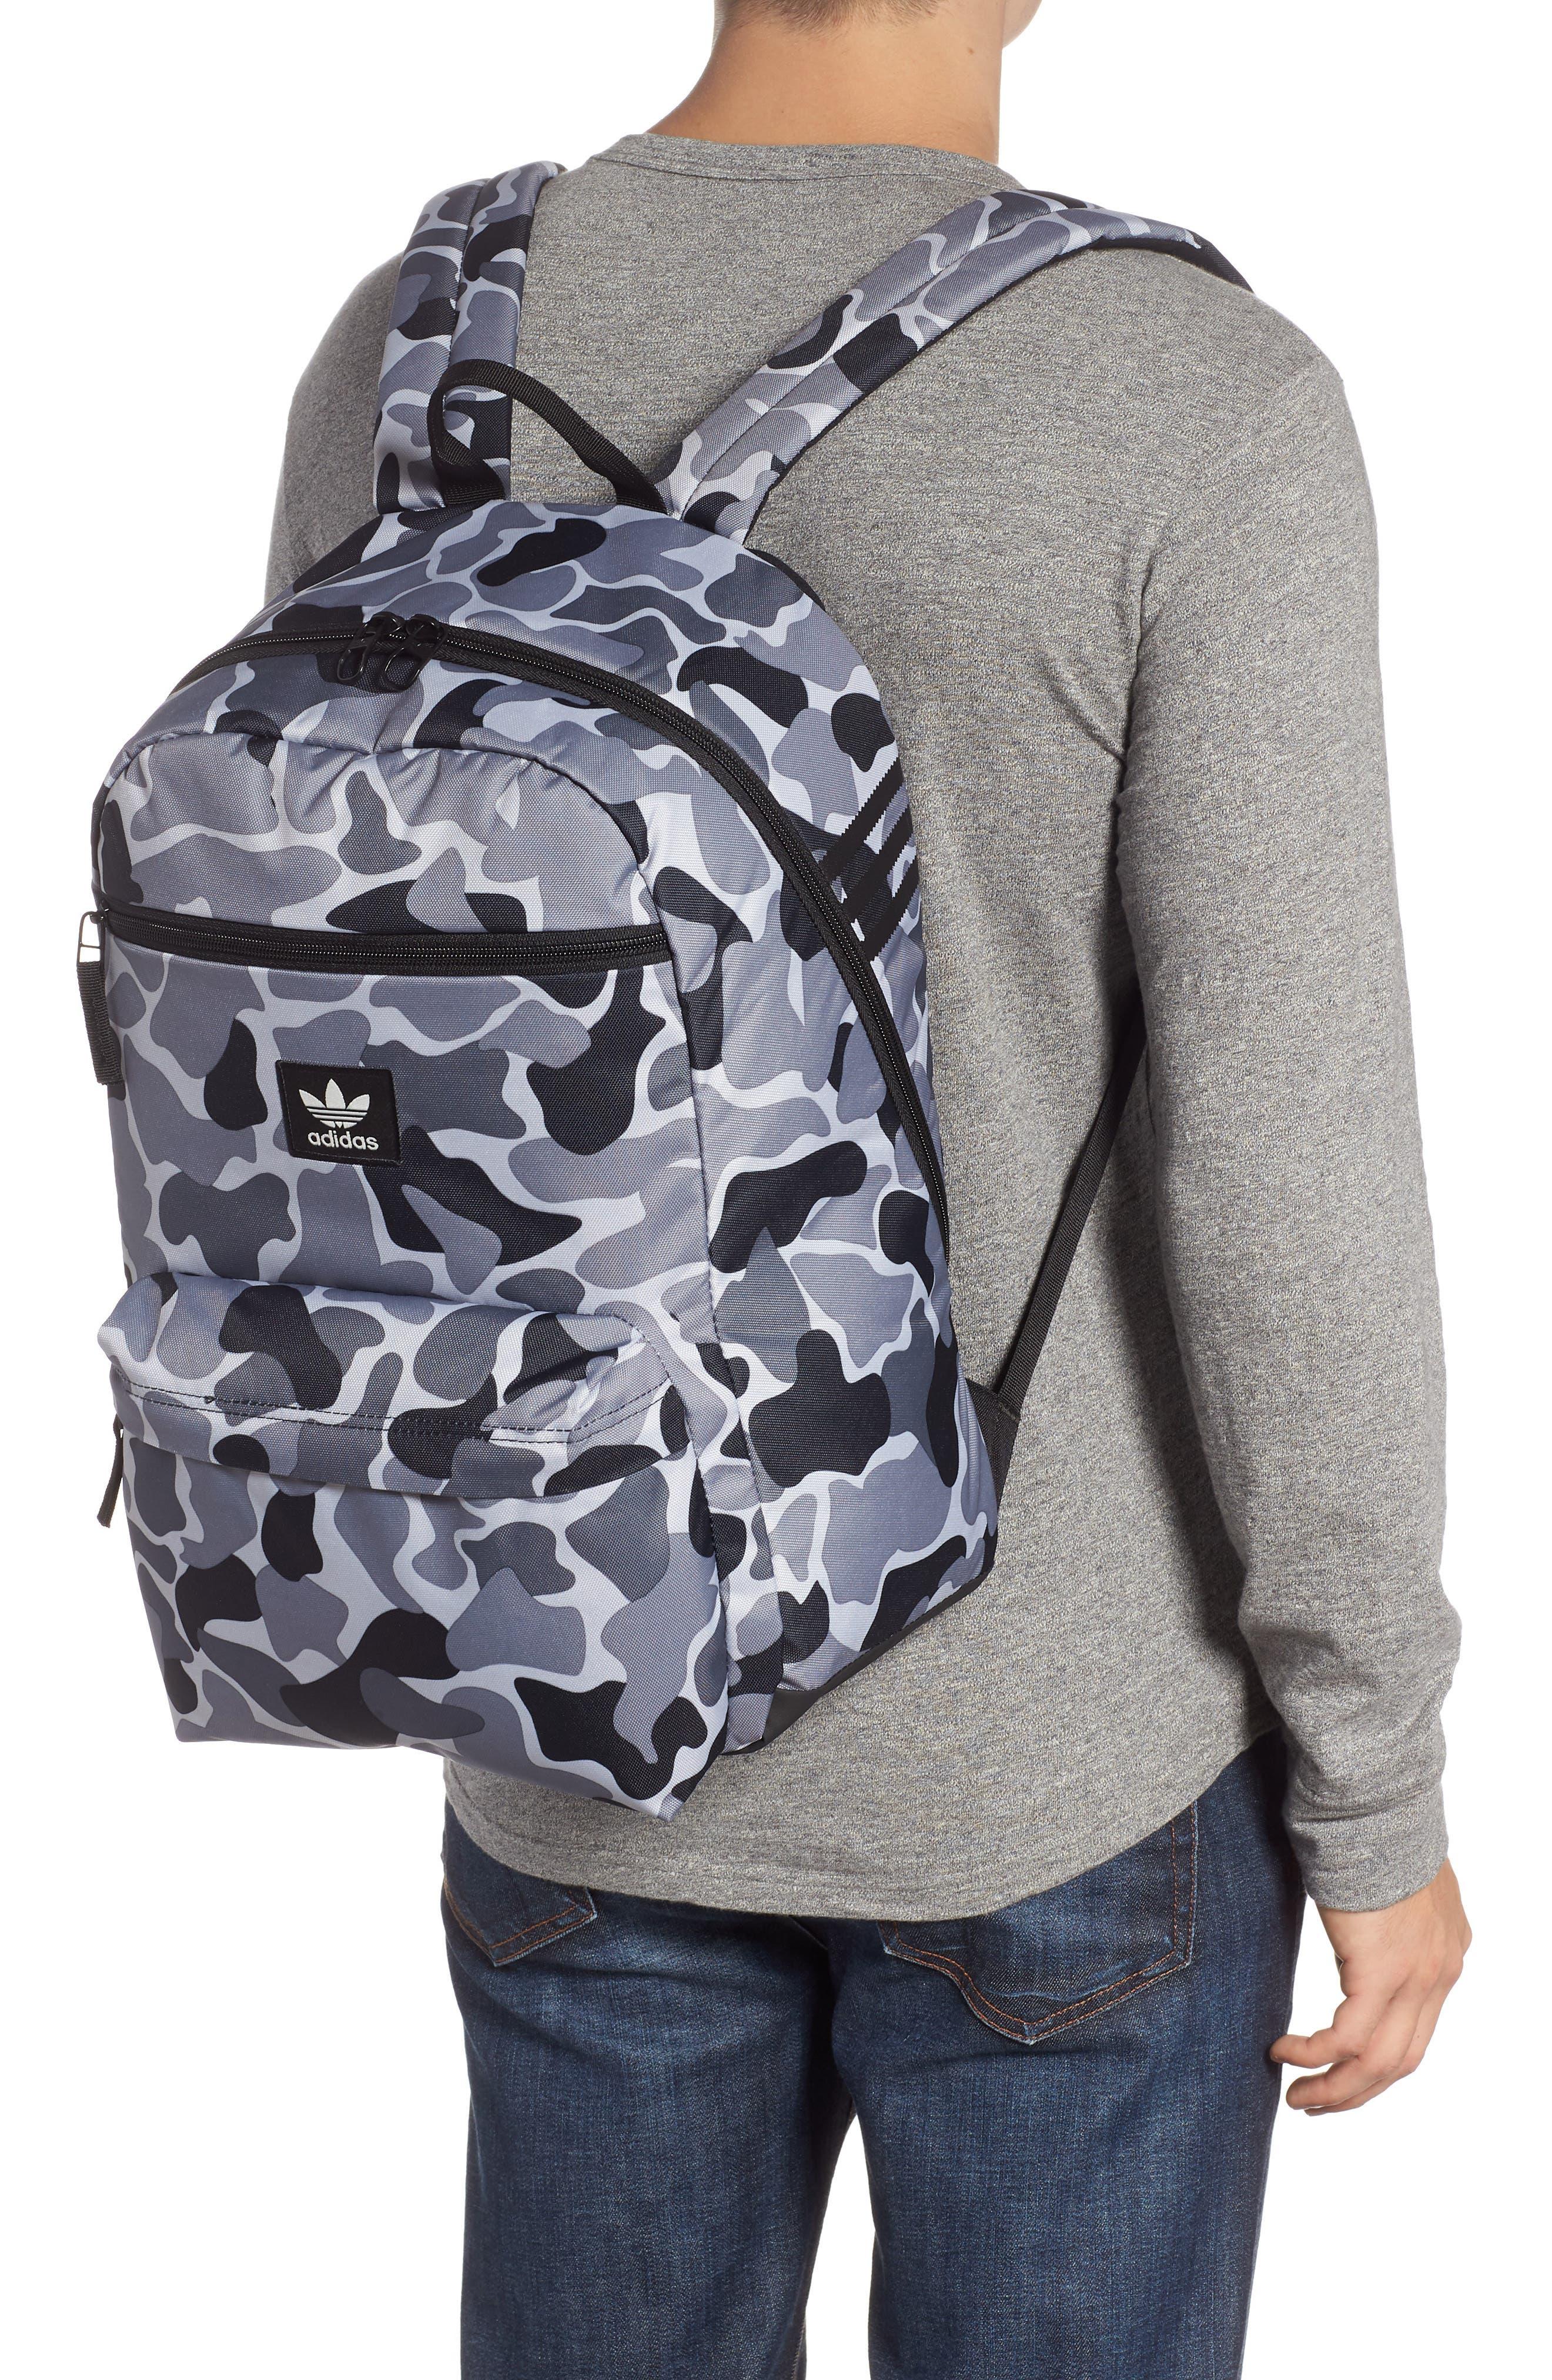 ADIDAS ORIGINALS adidas Original National Backpack, Alternate, color, GREY FOREST CAMO